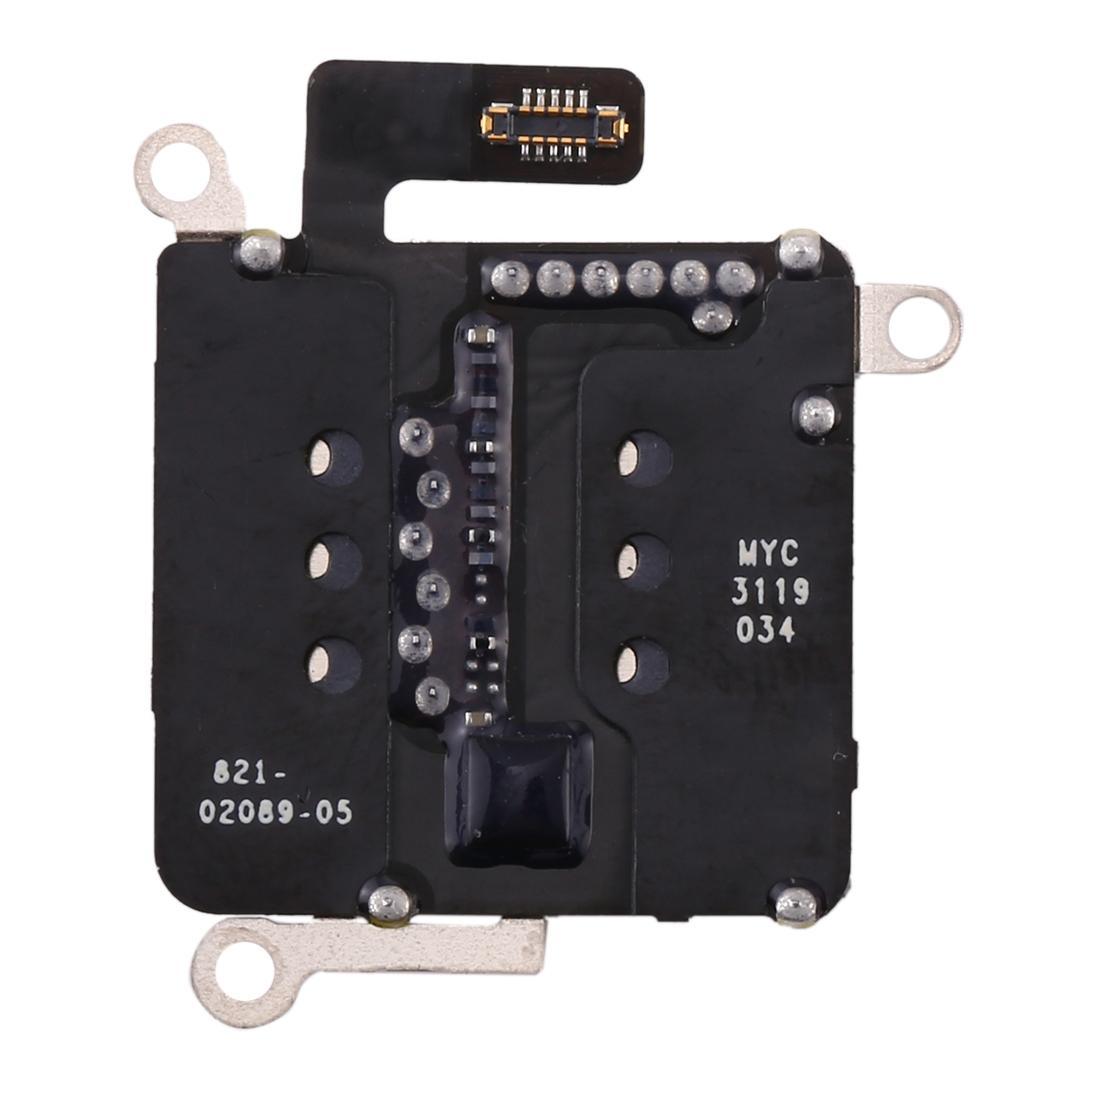 Carte SIM Socket pour iPhone 11